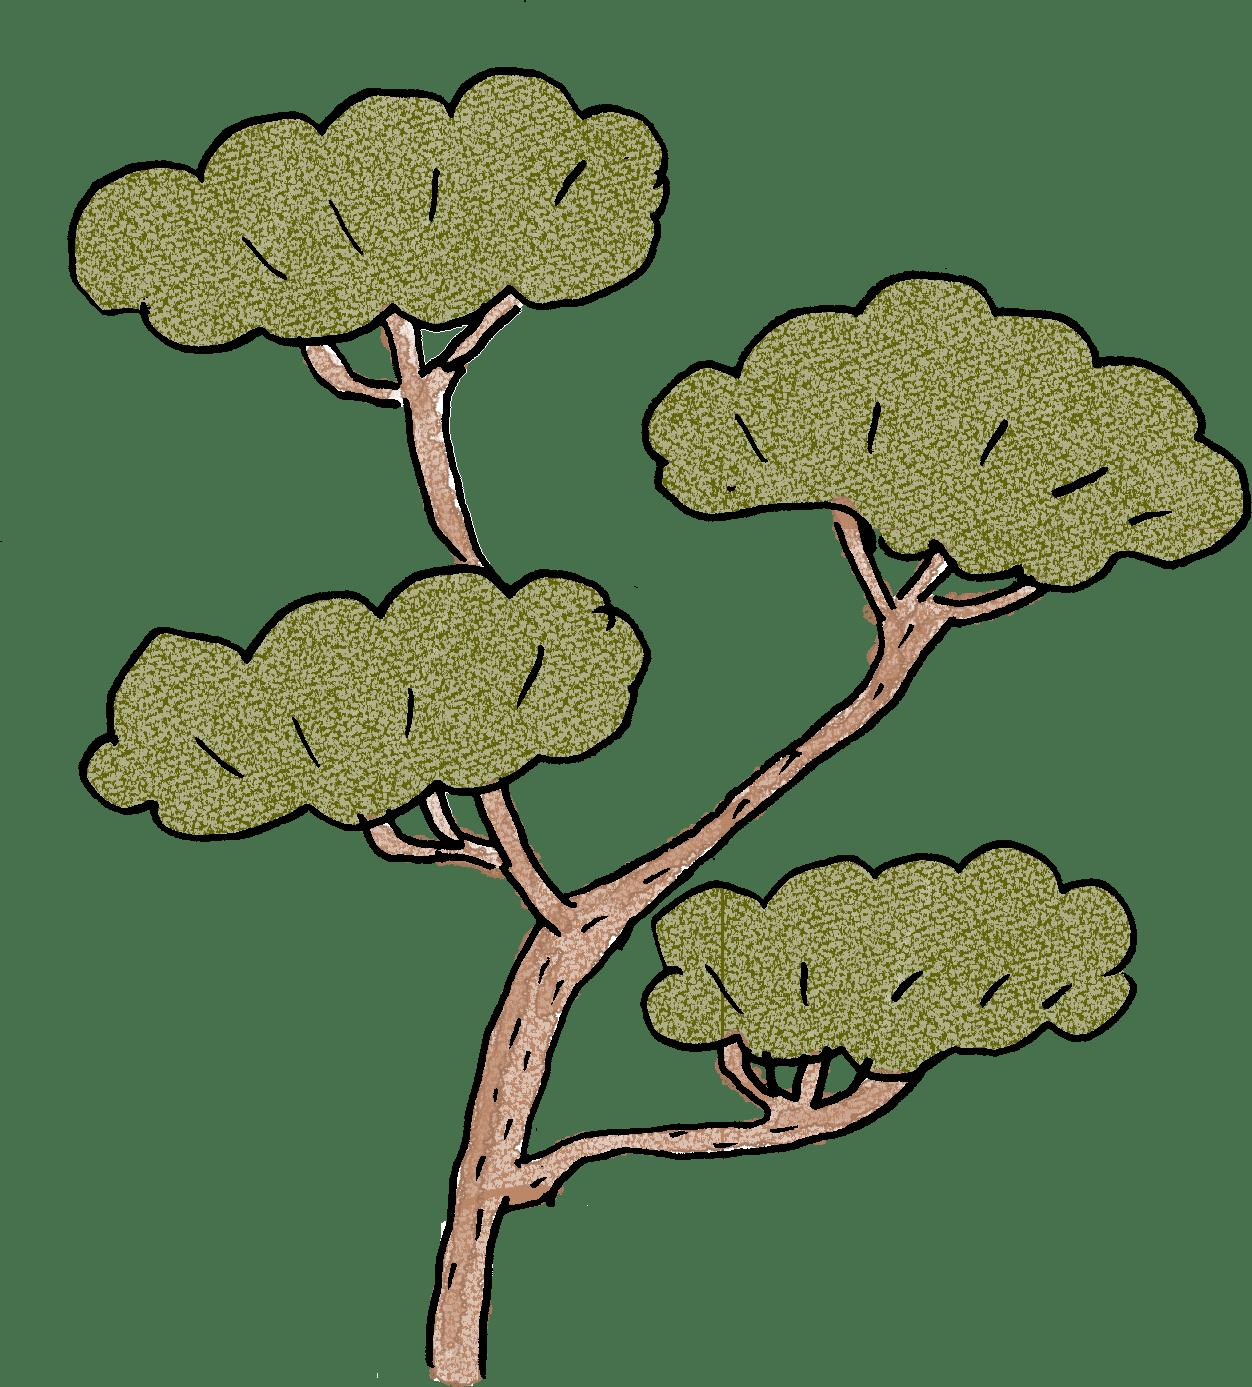 七五三のフォトブック素材:松・和風